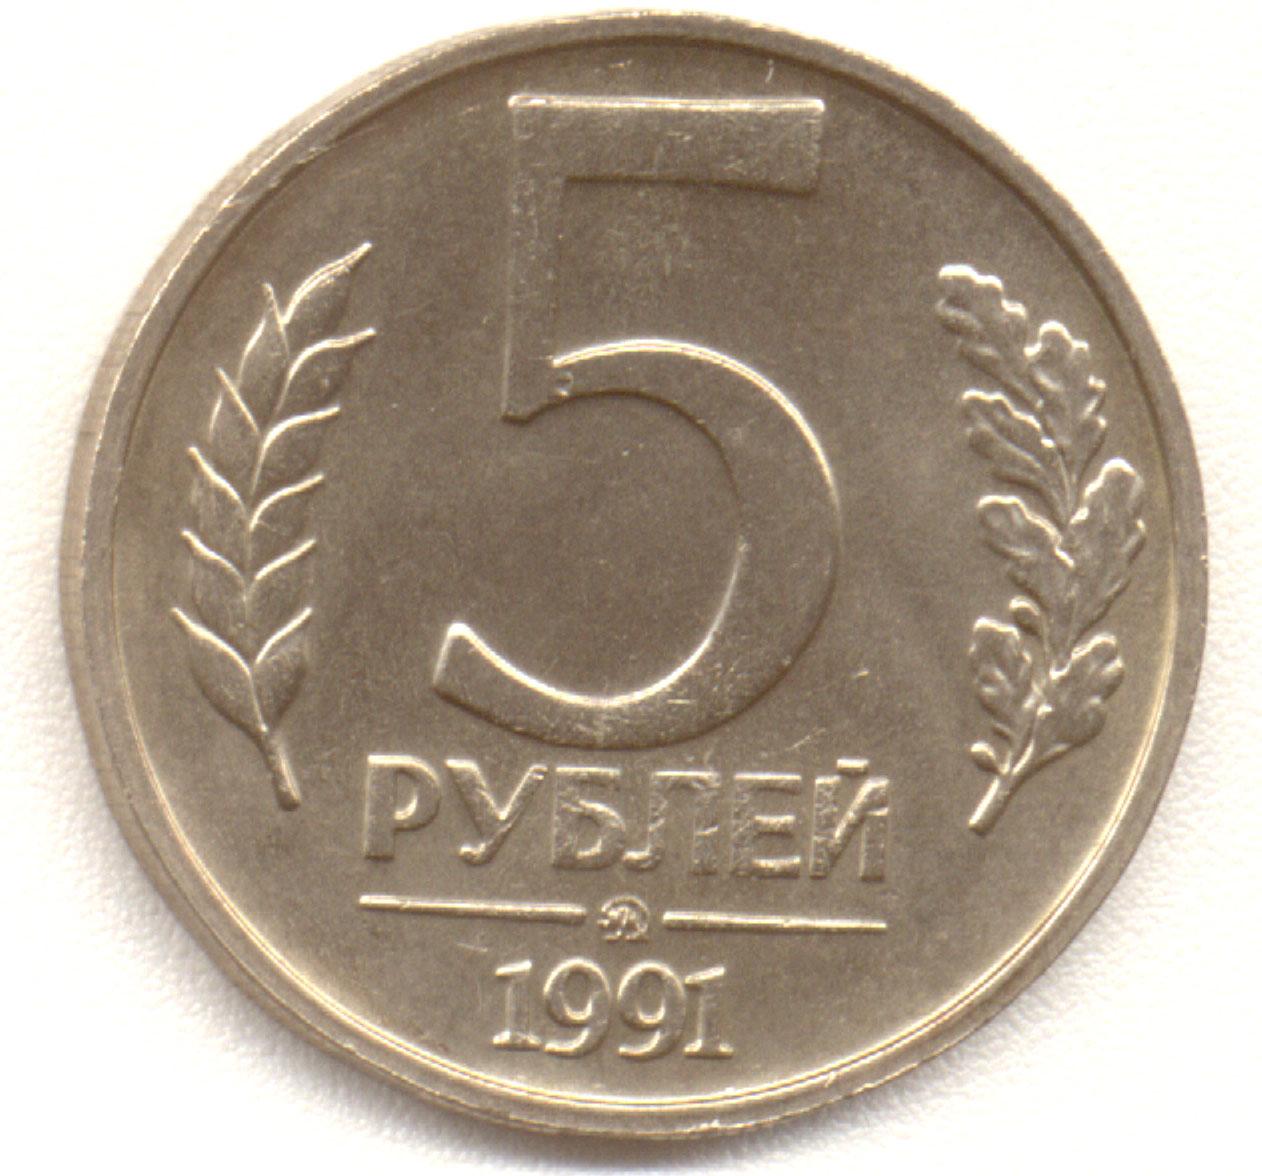 Монета 5 копеек 1991 года. Цена и стоимость на рынке в России